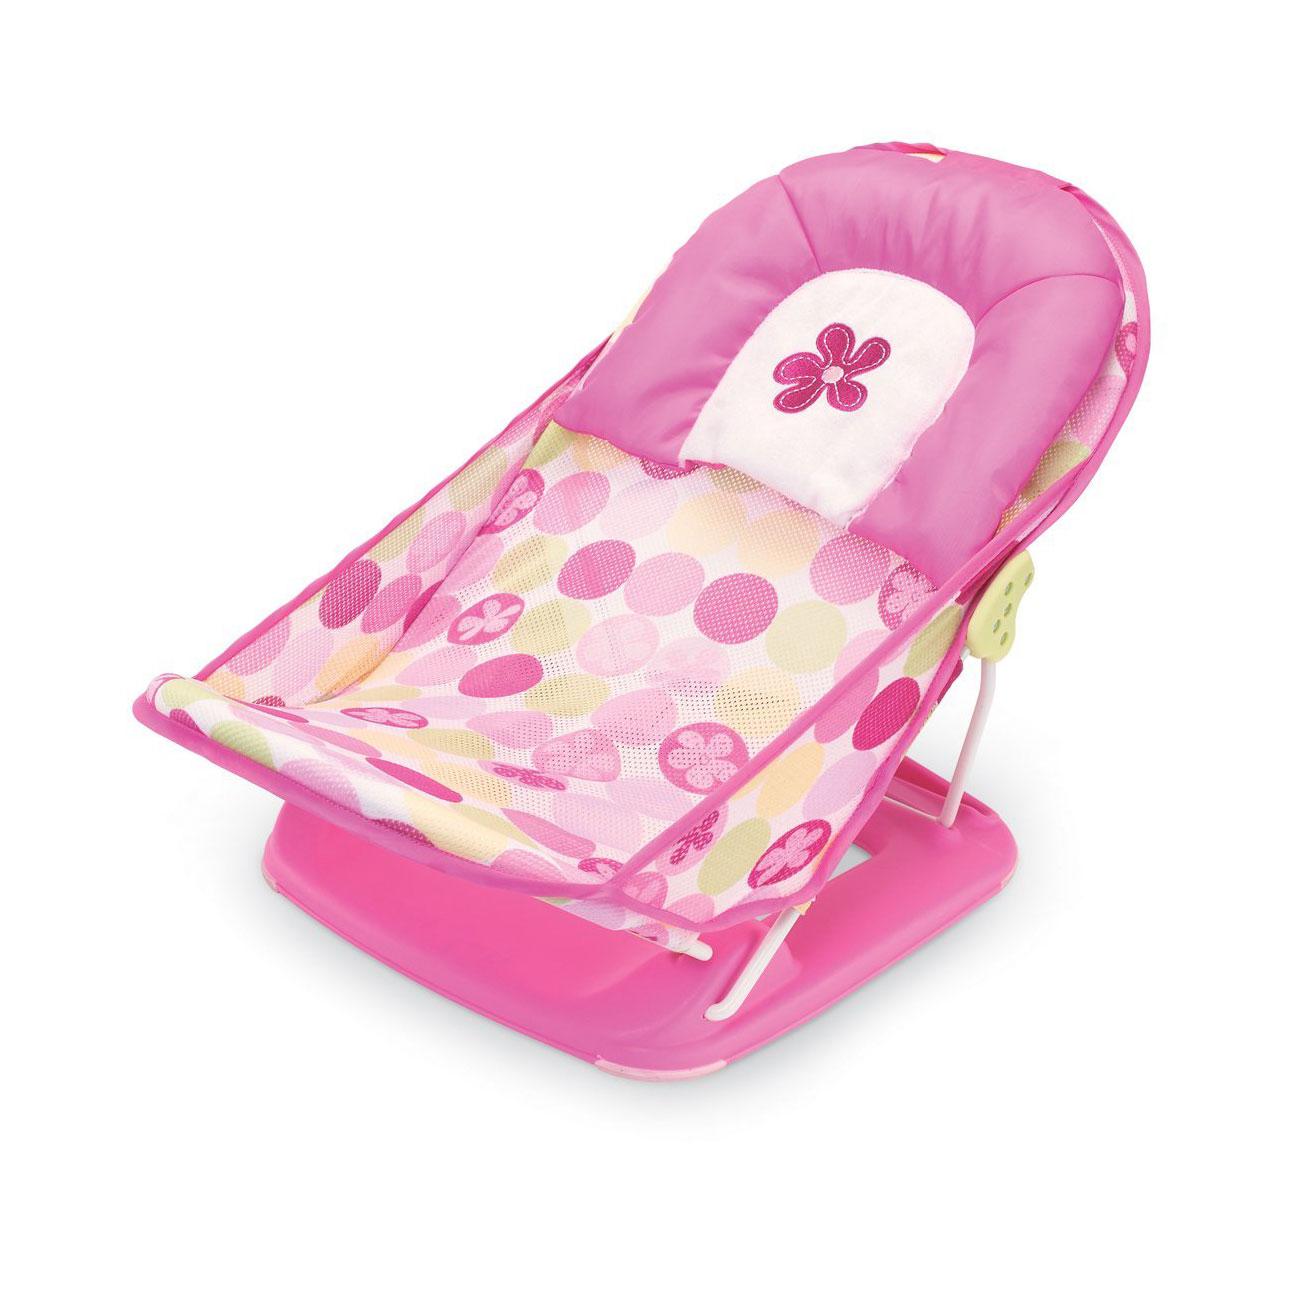 Лежак Summer Baby Bather розовый с 0 мес